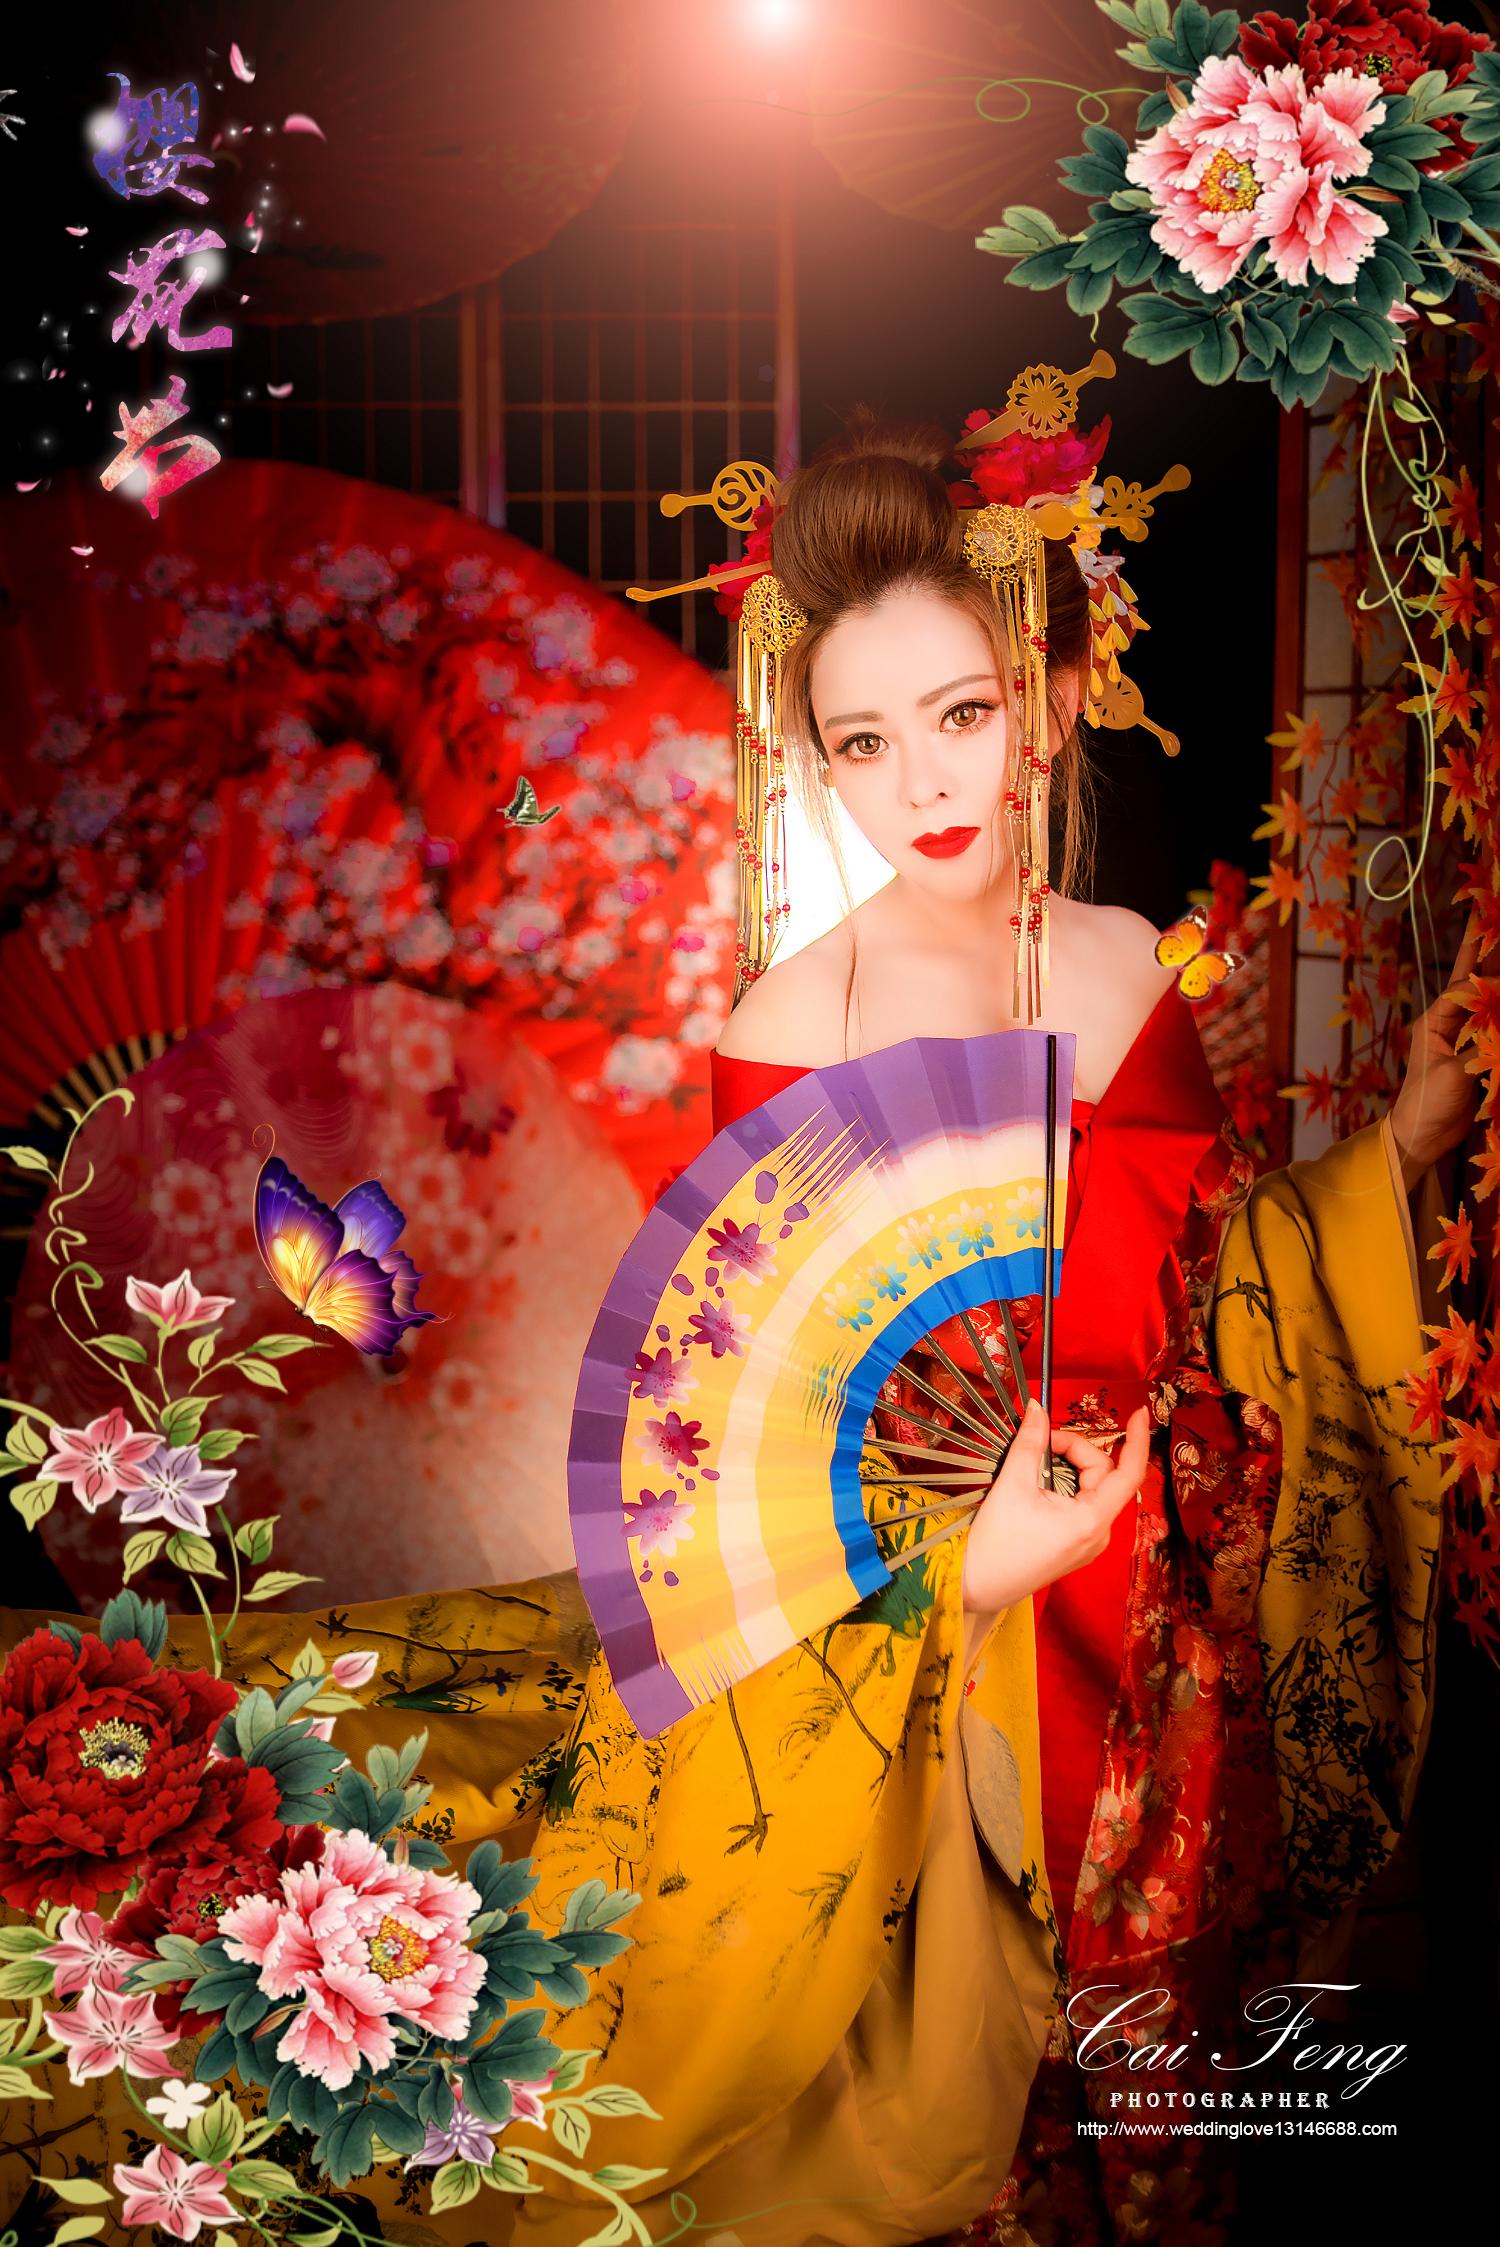 台中花魁/日本豪華花魁攝影/個人寫真/藝術照/女攝影師